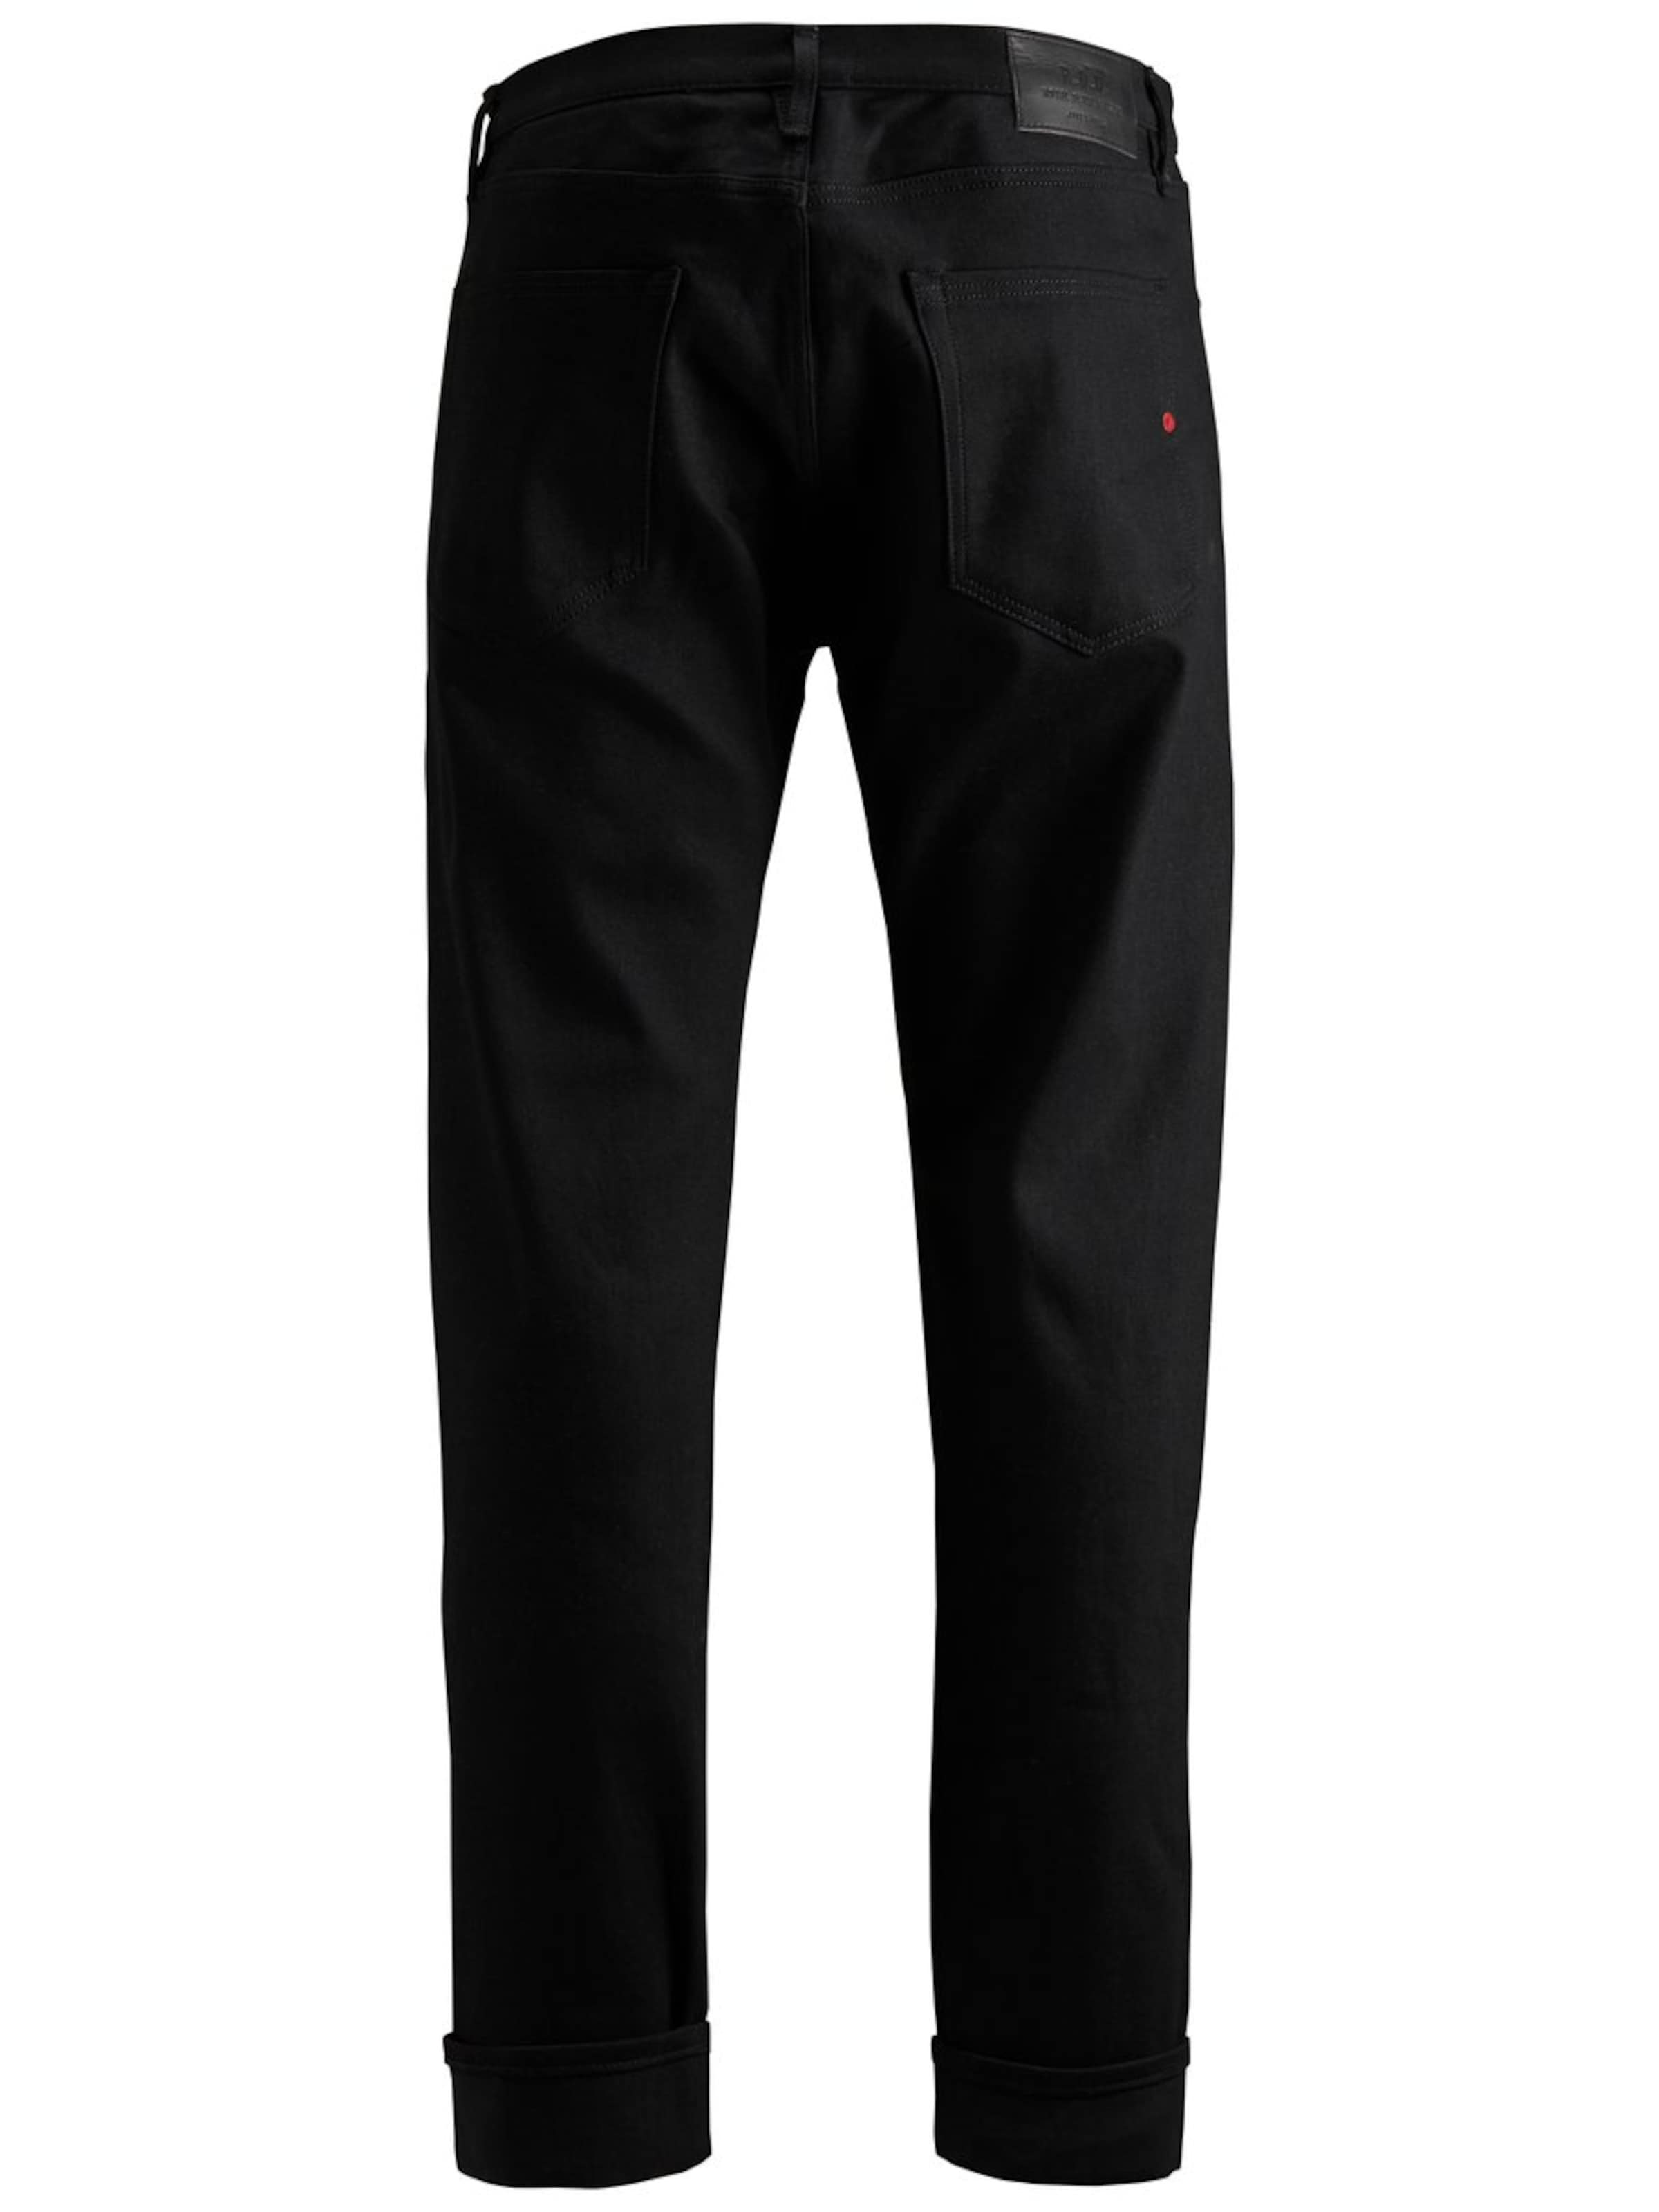 In Jones Jeans Denim Jackamp; Black R35j4AL